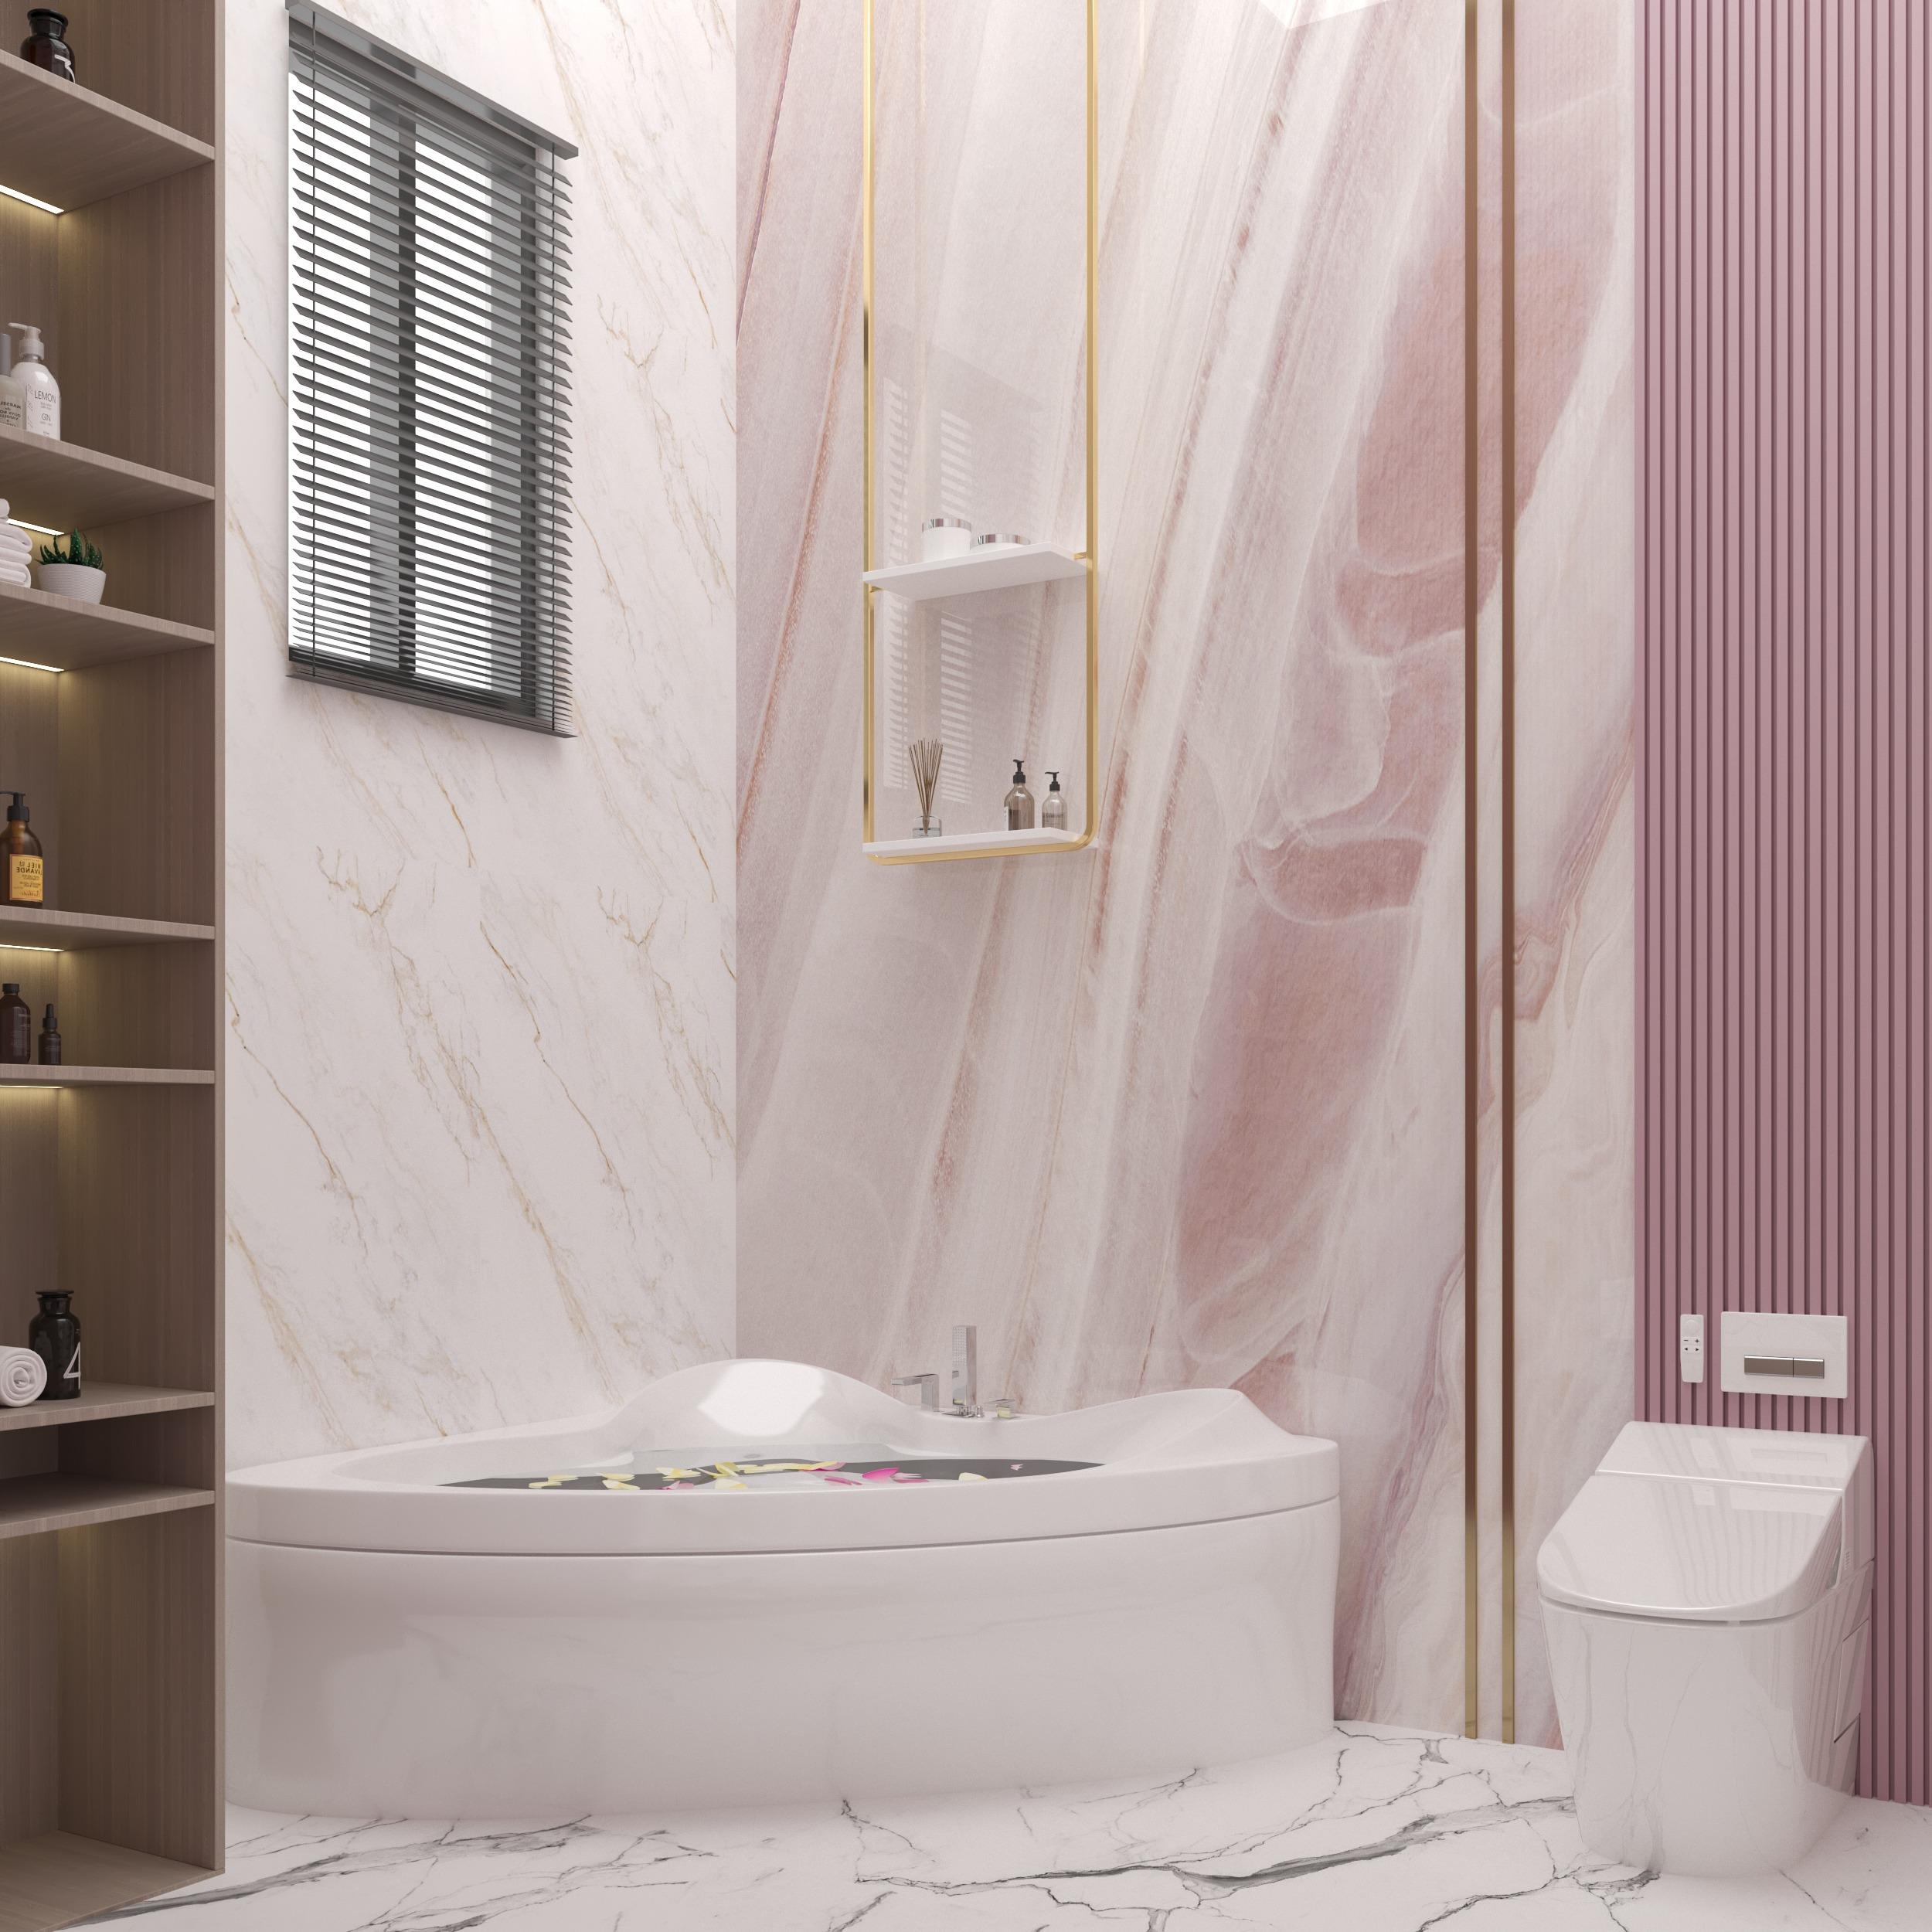 BATH TUB - PINK - BATHROOM